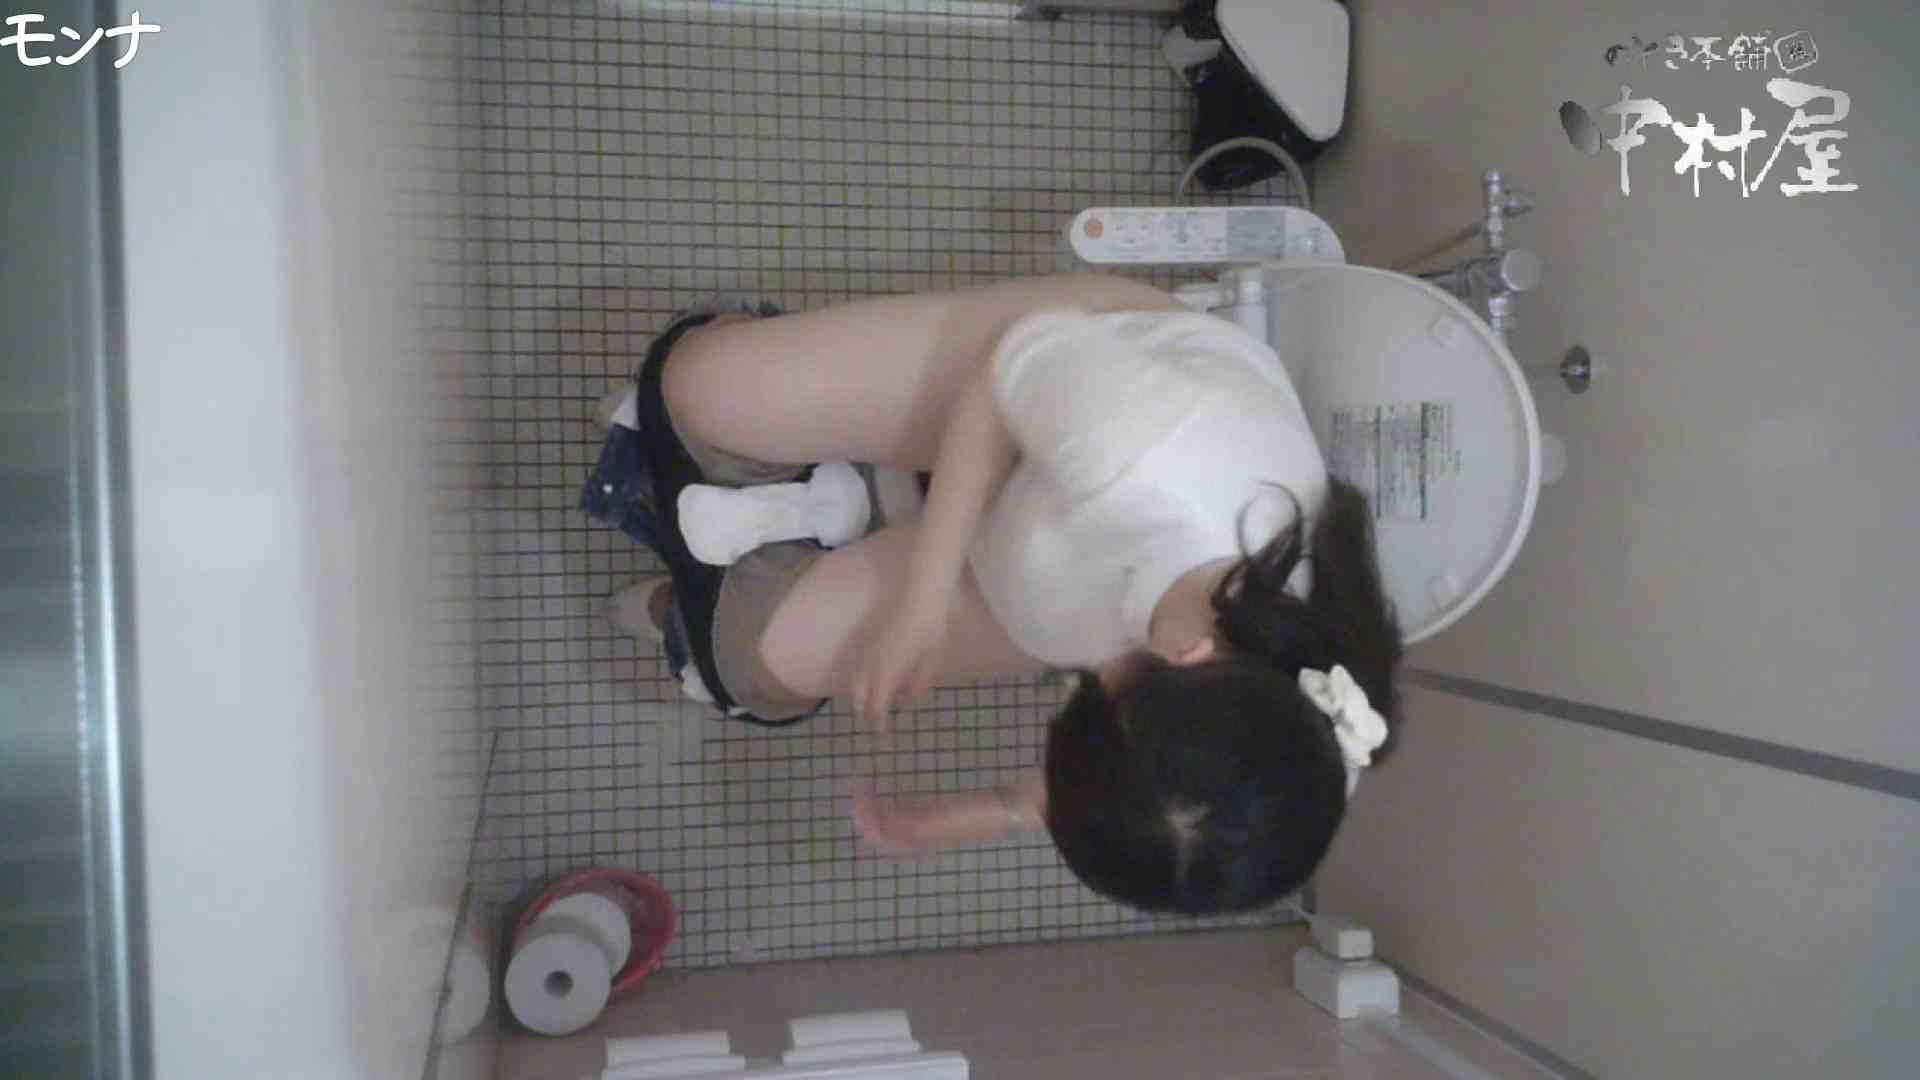 有名大学女性洗面所 vol.65 秘技!!マルチアングル天井撮り!! 潜入 ヌード画像 106PIX 17